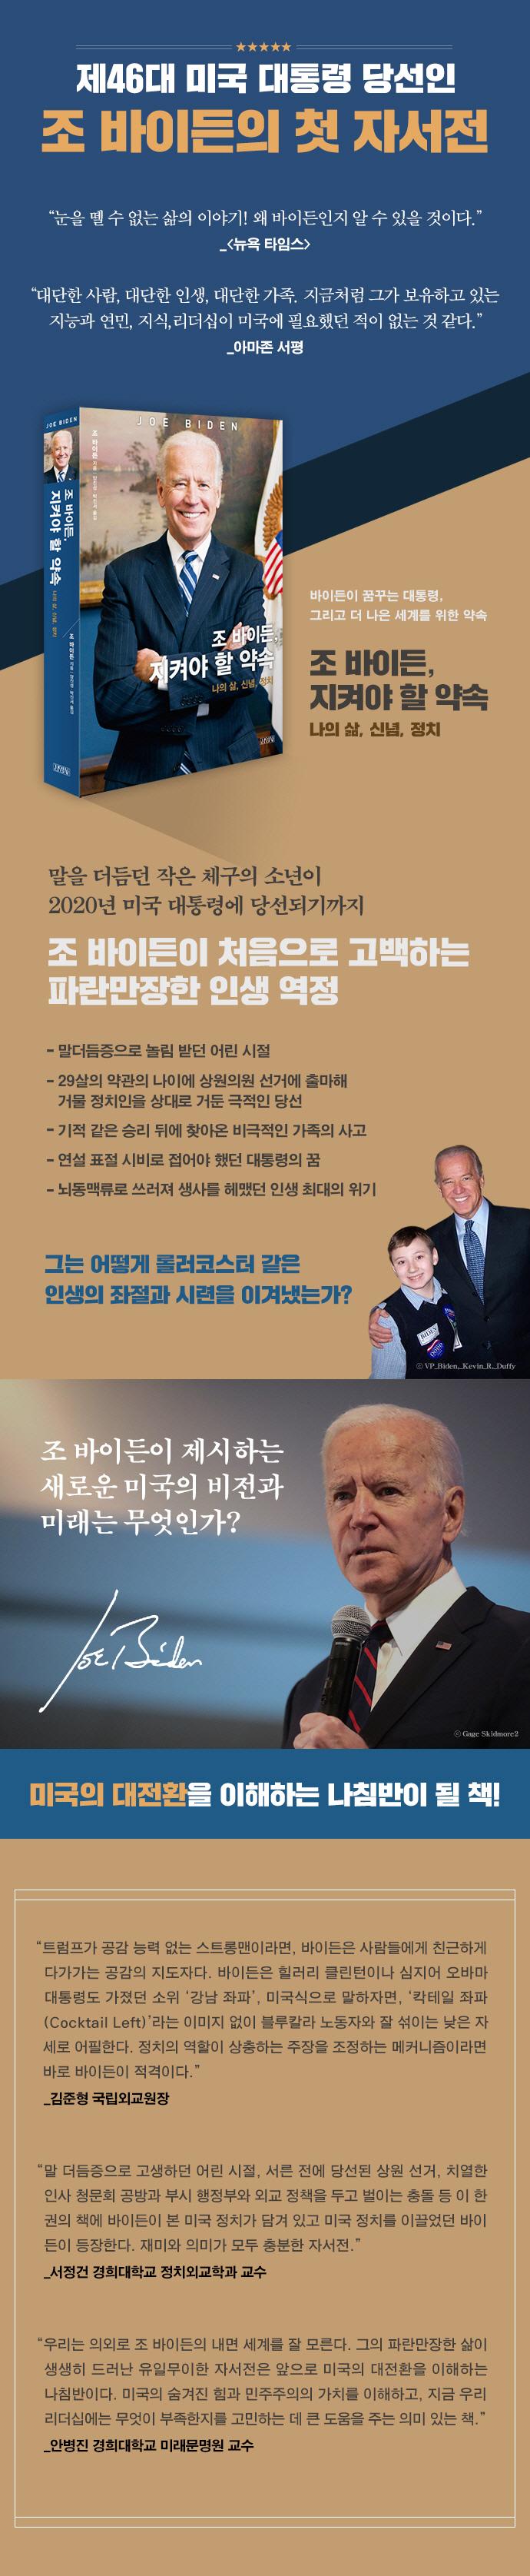 조 바이든, 지켜야 할 약속: 나의 삶, 신념, 정치 도서 상세이미지